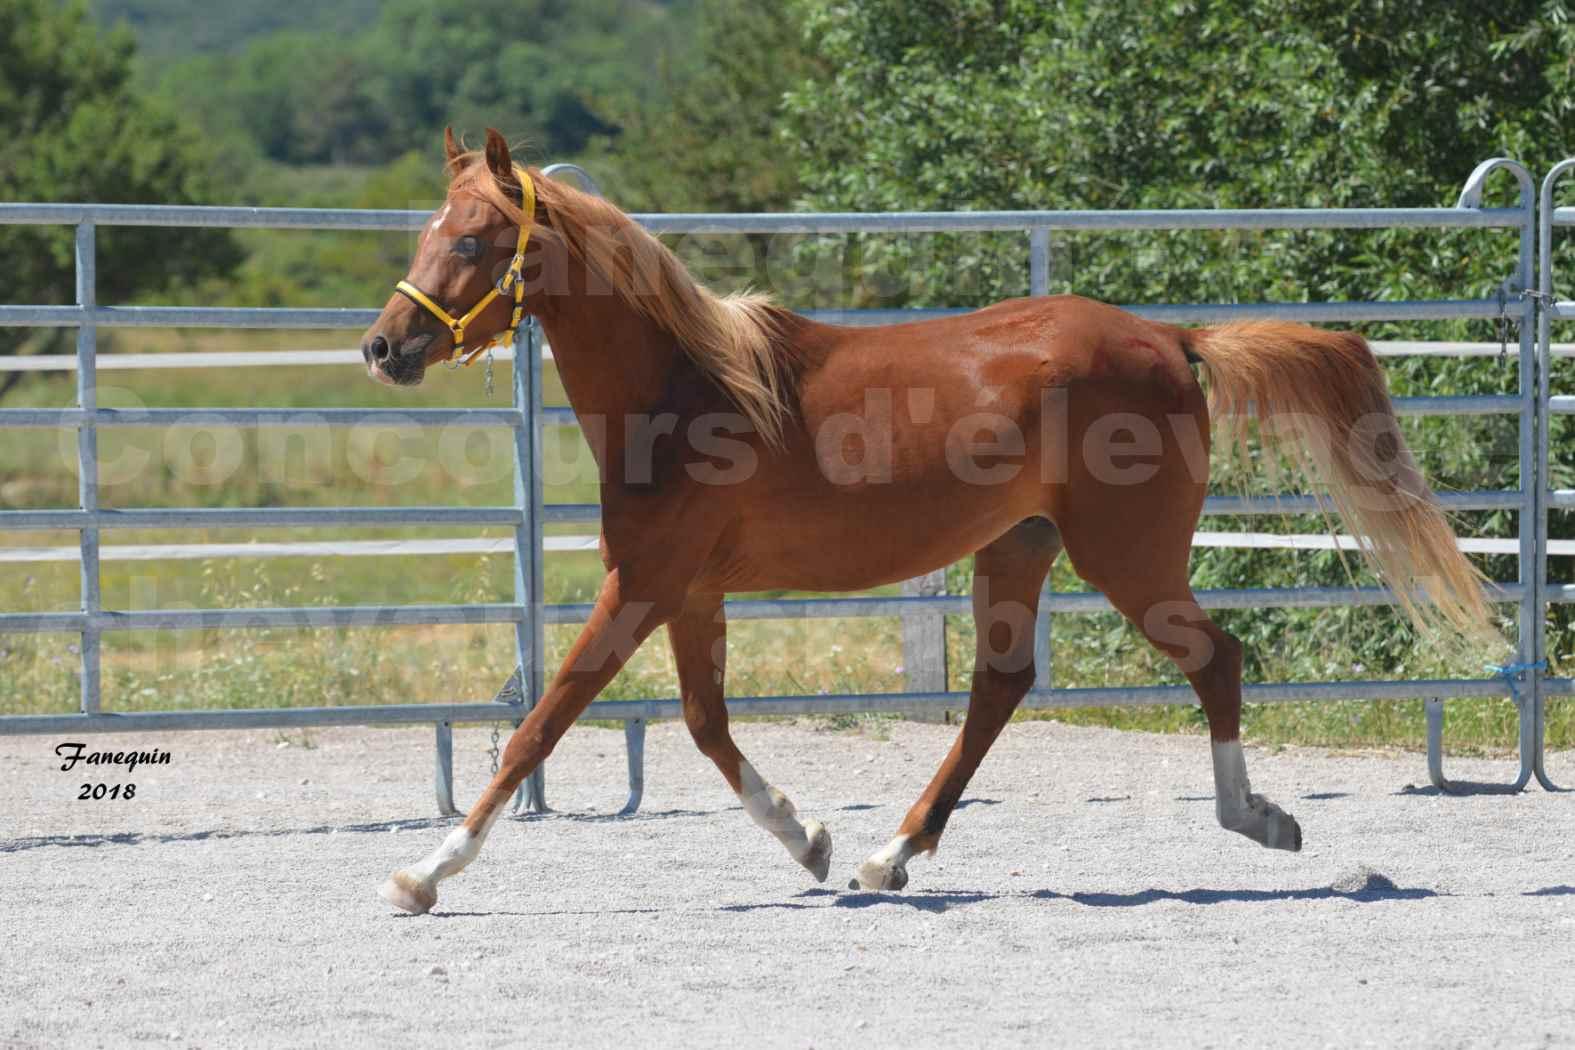 Concours d'Elevage de chevaux Arabes  le 27 juin 2018 à la BOISSIERE - FANGIO DES DOLINES - 05